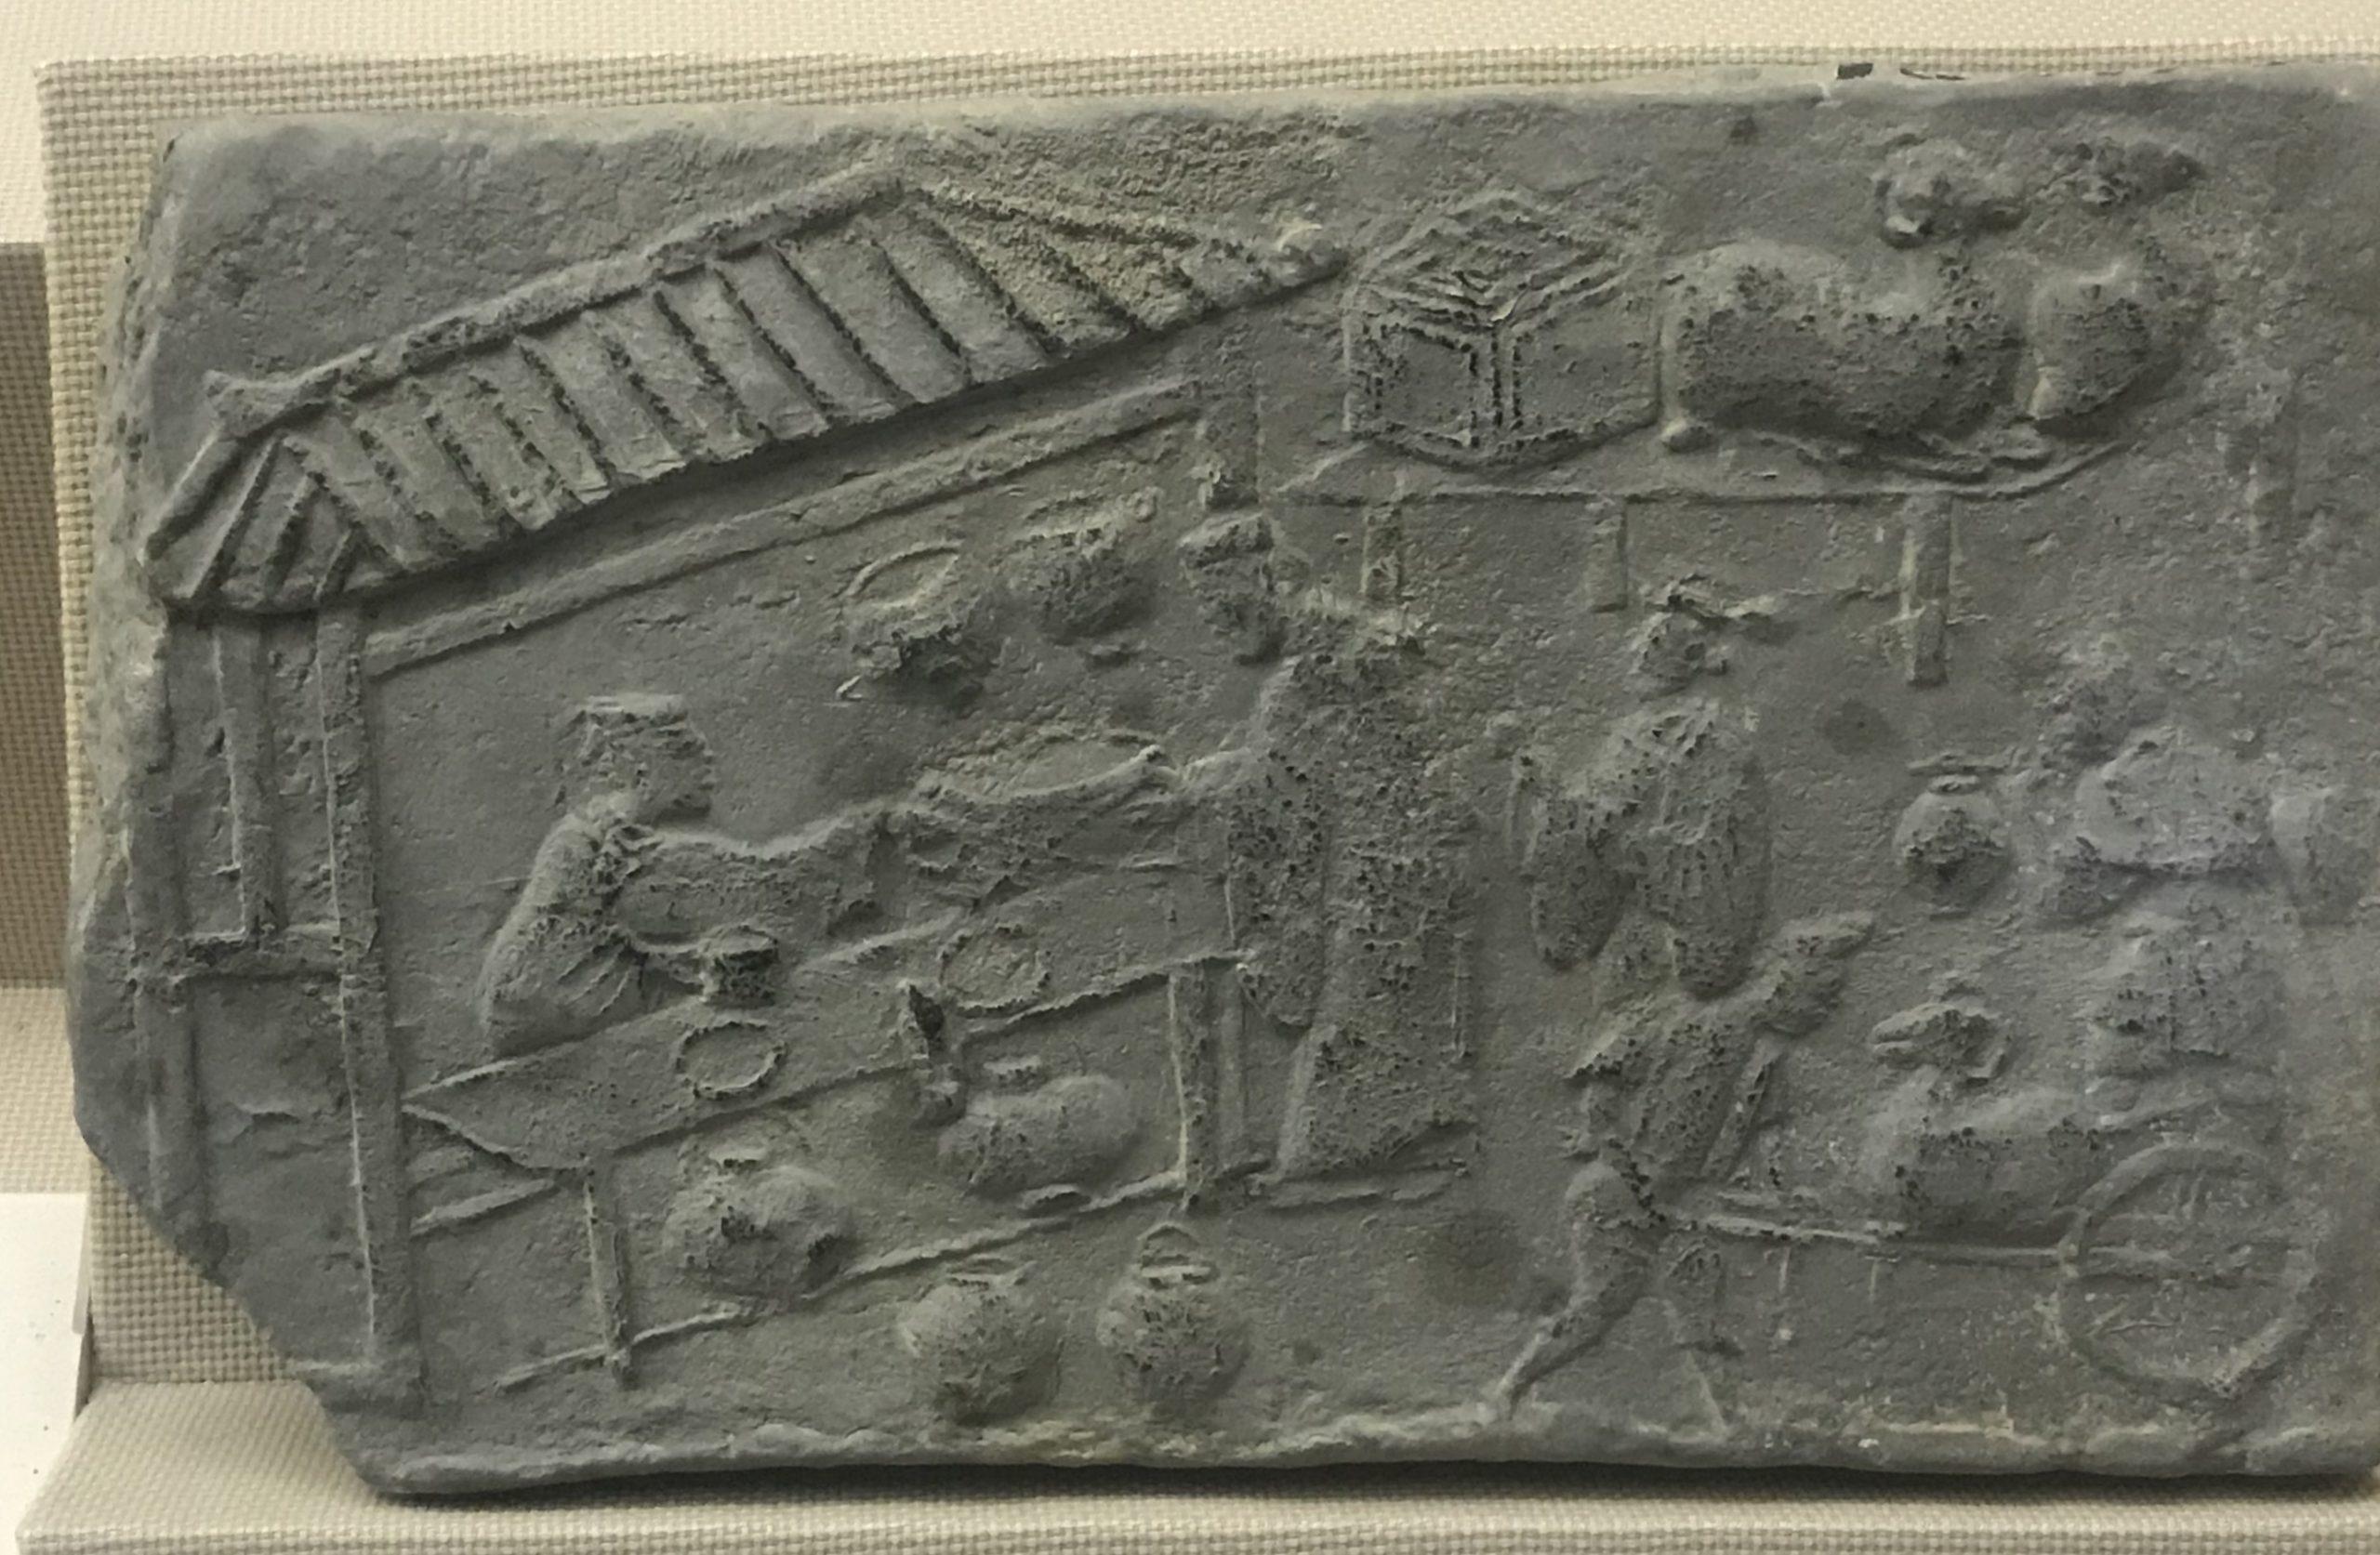 羊尊酒肆画像レンガ-東漢- 彭州市昇平-四川漢代陶石芸術館-四川博物院-成都